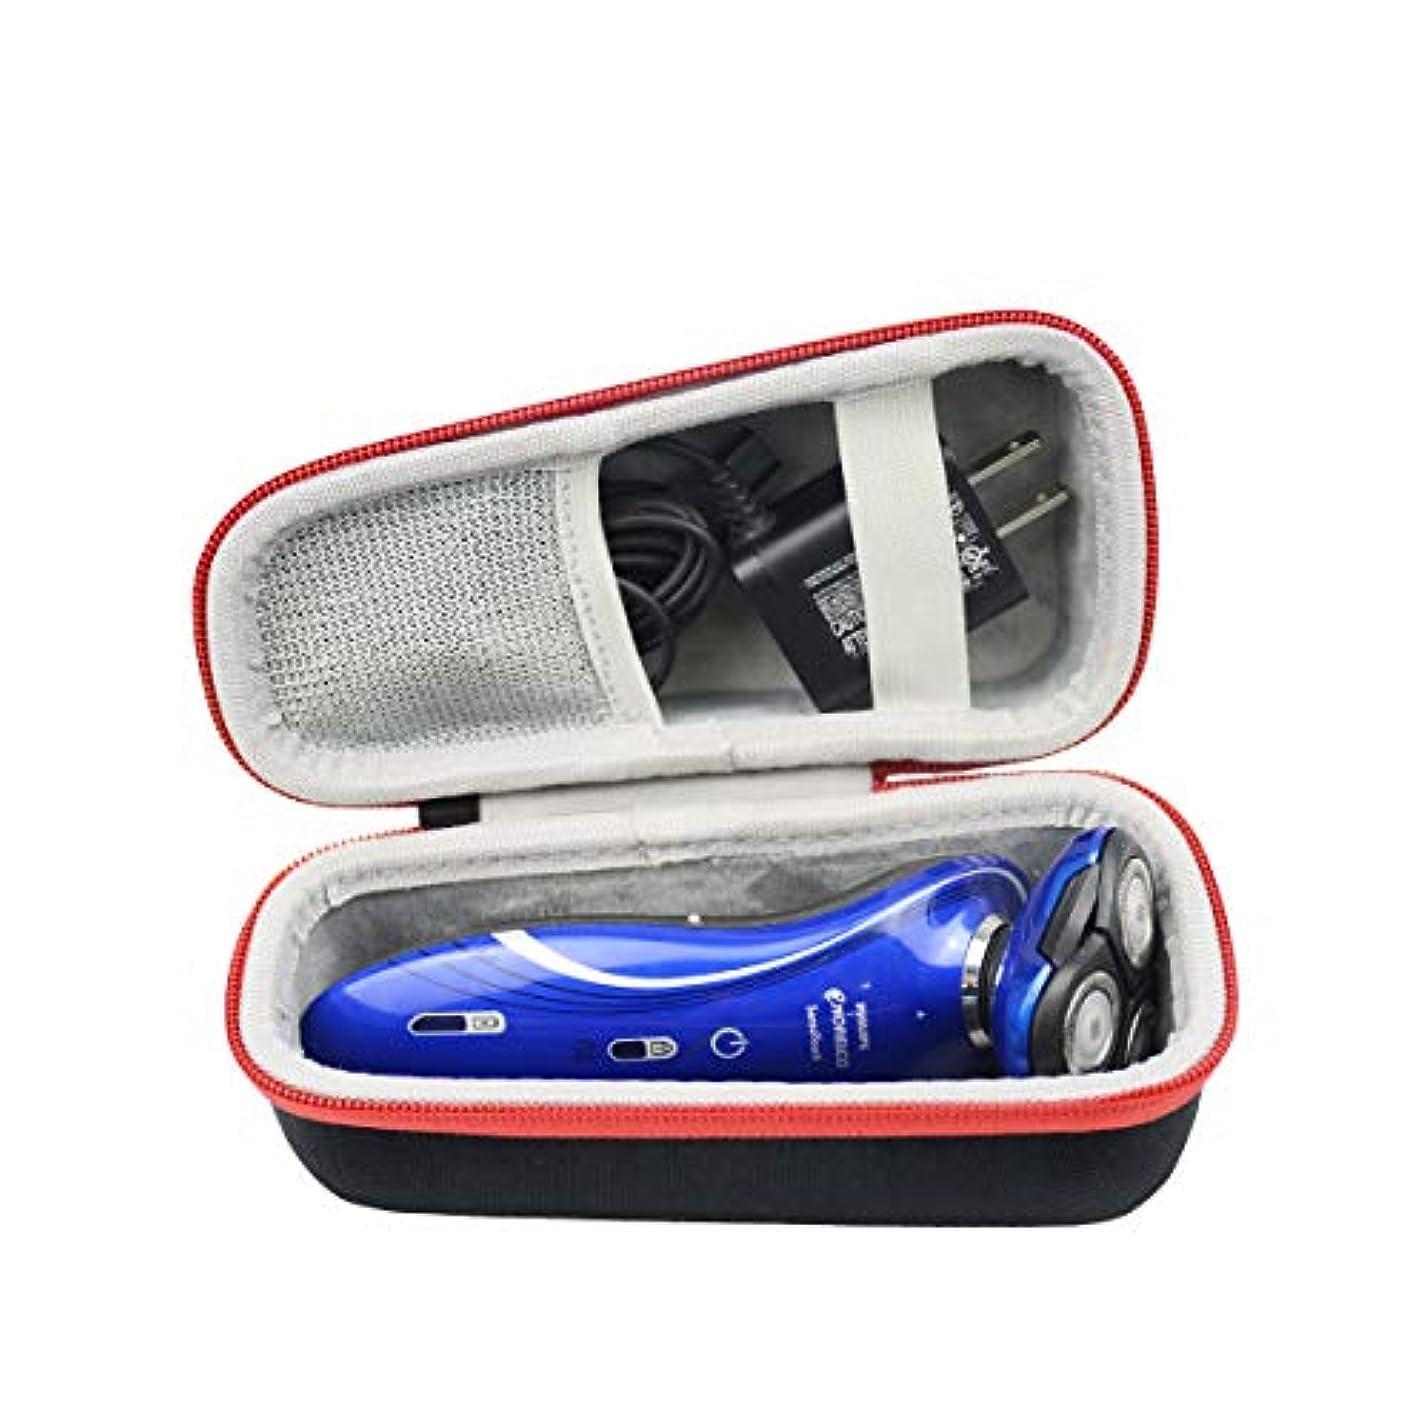 専用旅行収納 フィリップス メンズシェーバー 5000シリーズ S5390/26 S5390/12 S5397/12 S5076/06 S5212/12 S5272/12 S5251/12 S5075/06 S5050/...